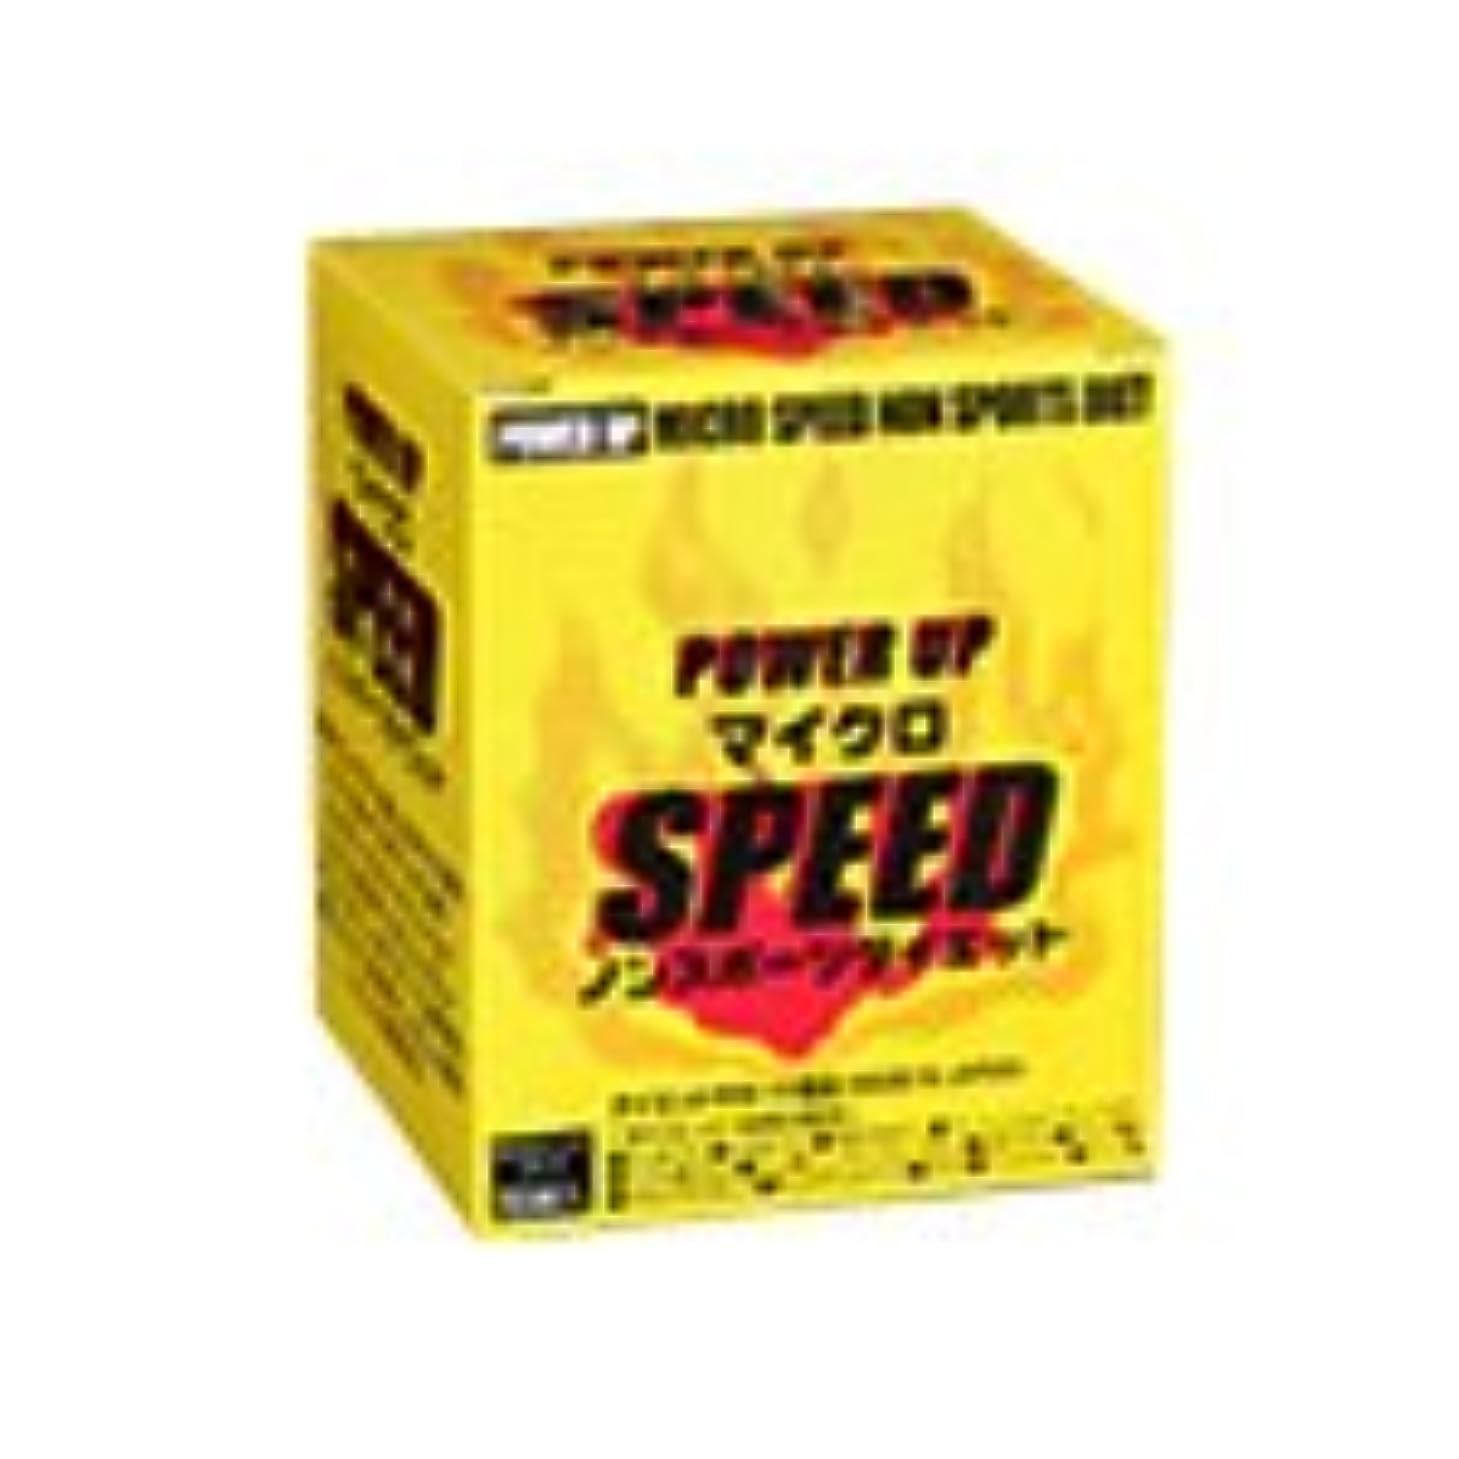 マージン歪める媒染剤マイクロスピードノンスポーツダイエット 1箱